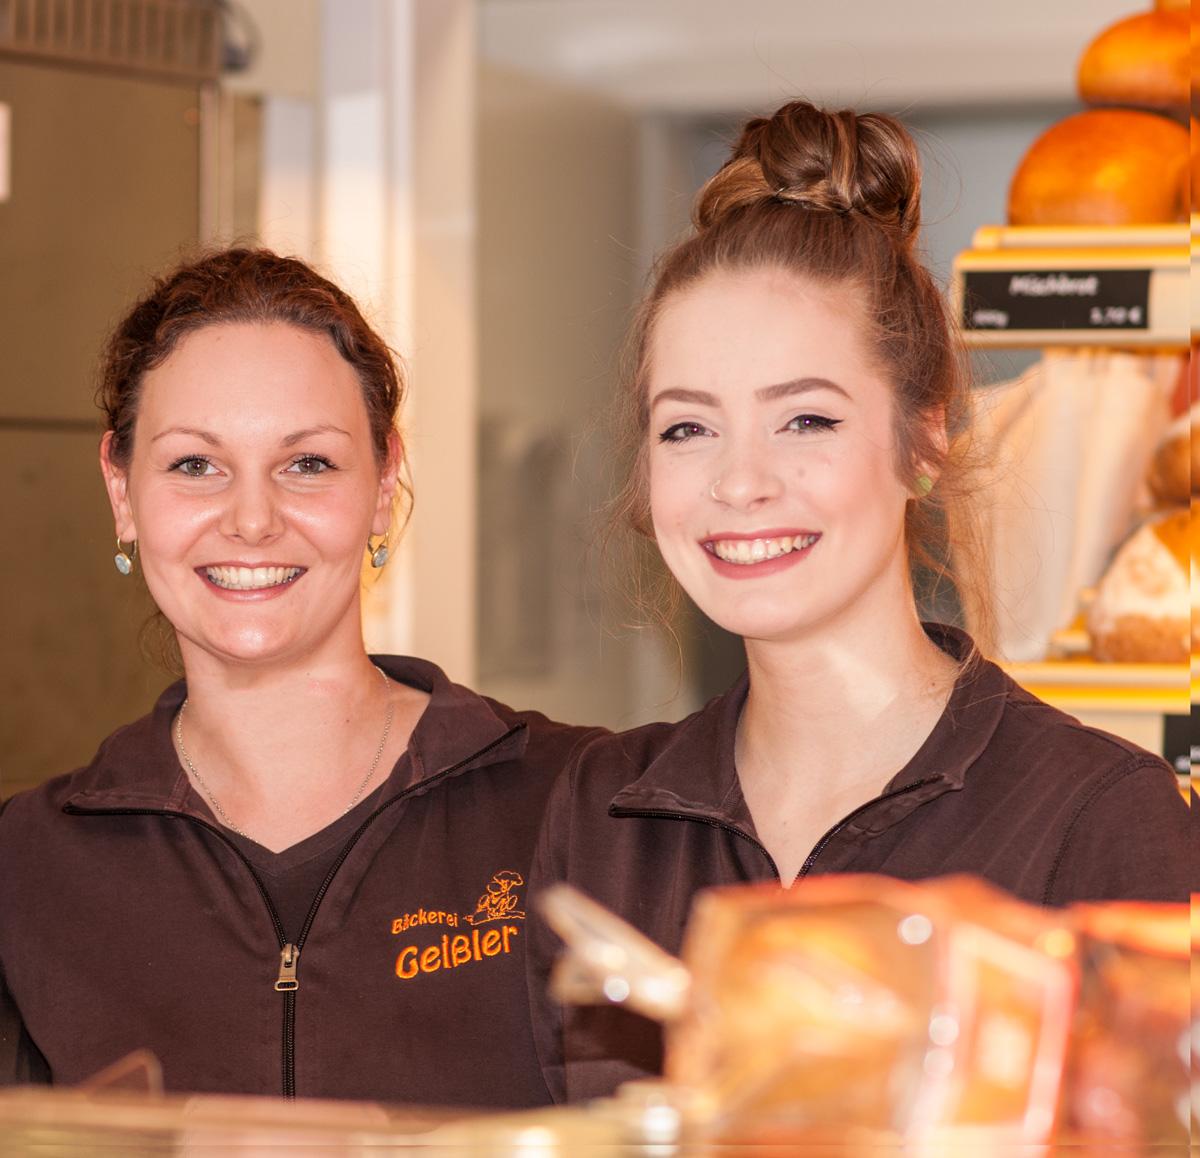 Ausbildung zur Bäckereifachverkäuferin (m.w.d.) für 2020